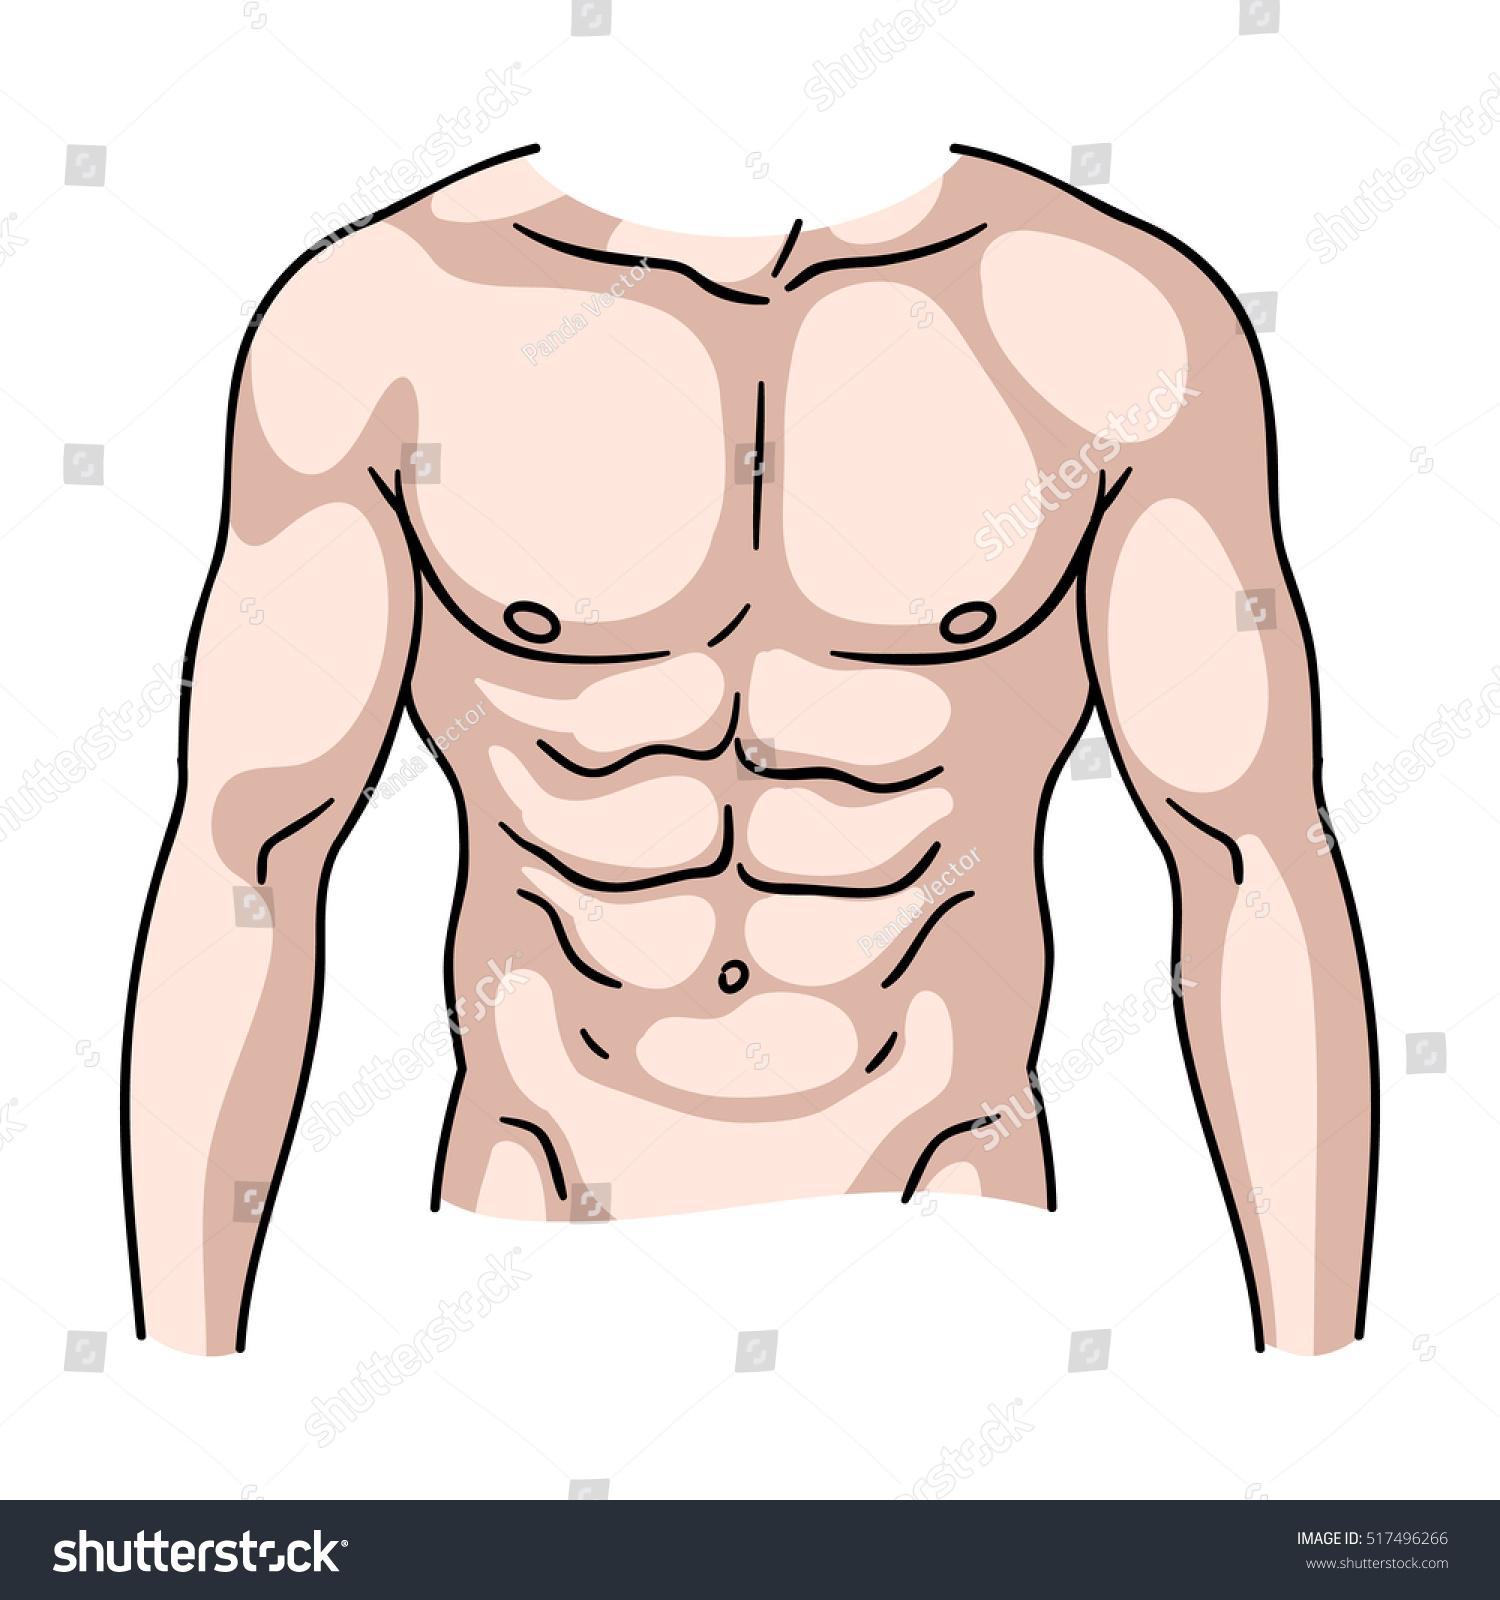 3d Illustration Of Human Body Organs Heart Anatomy Ez Canvas